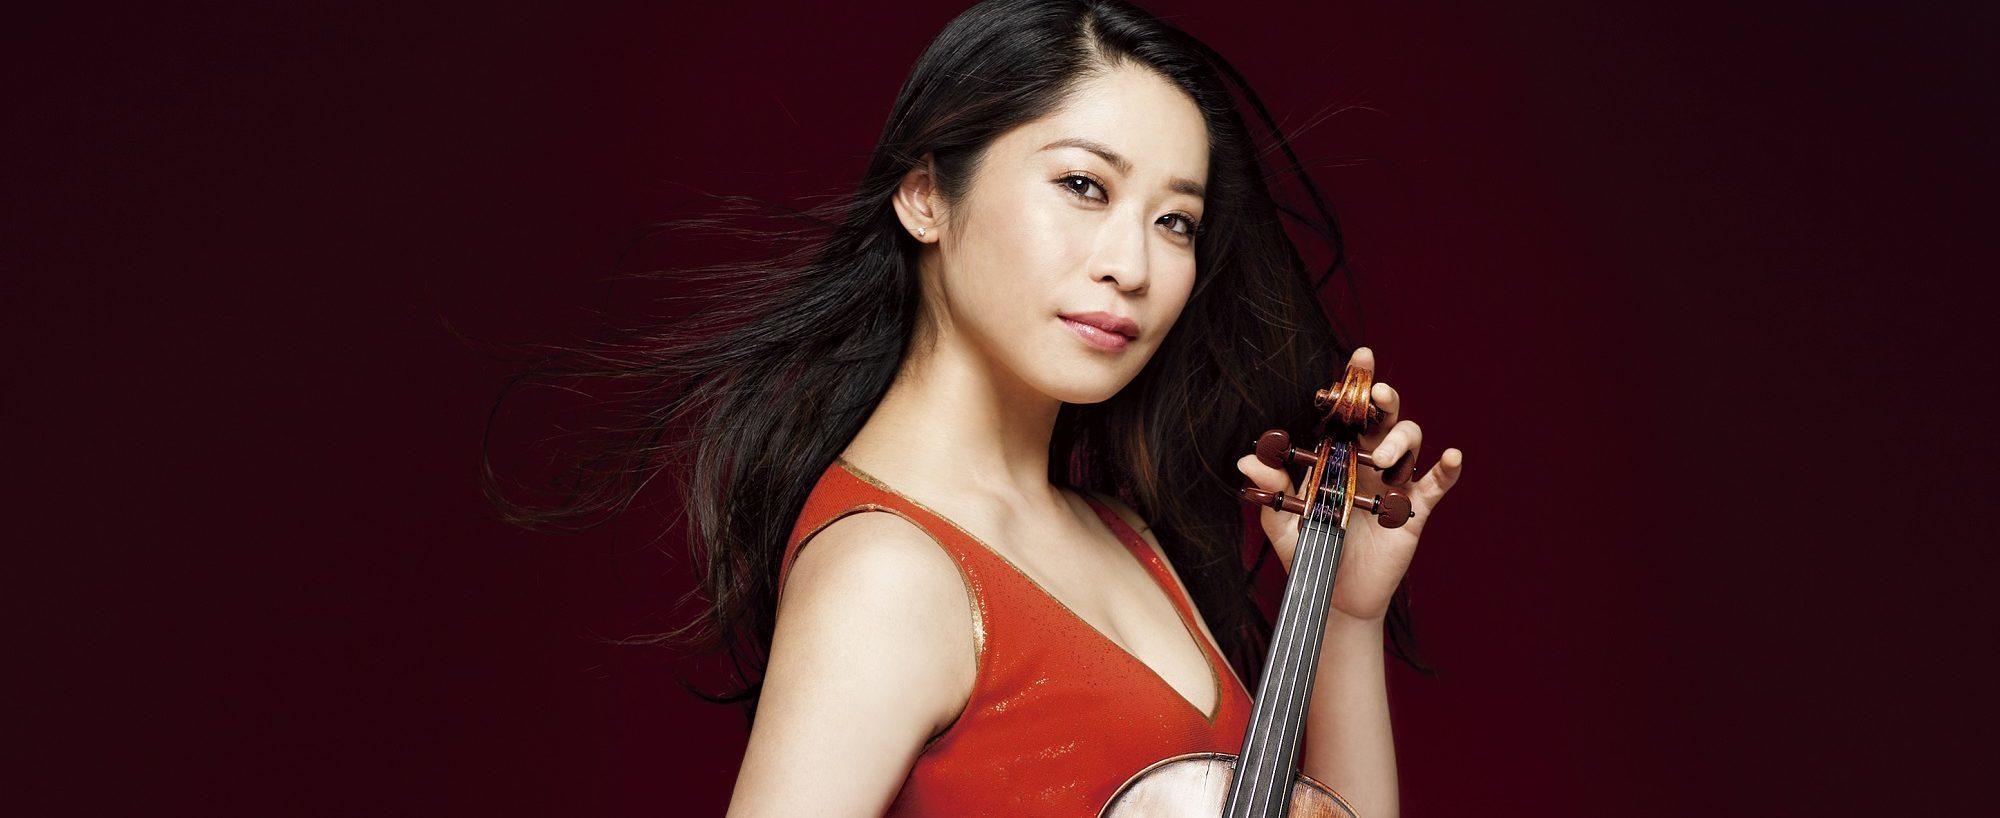 Nghệ sĩ violin Tamaki Kawakubo tham gia Hòa nhạc Hạnh phúc